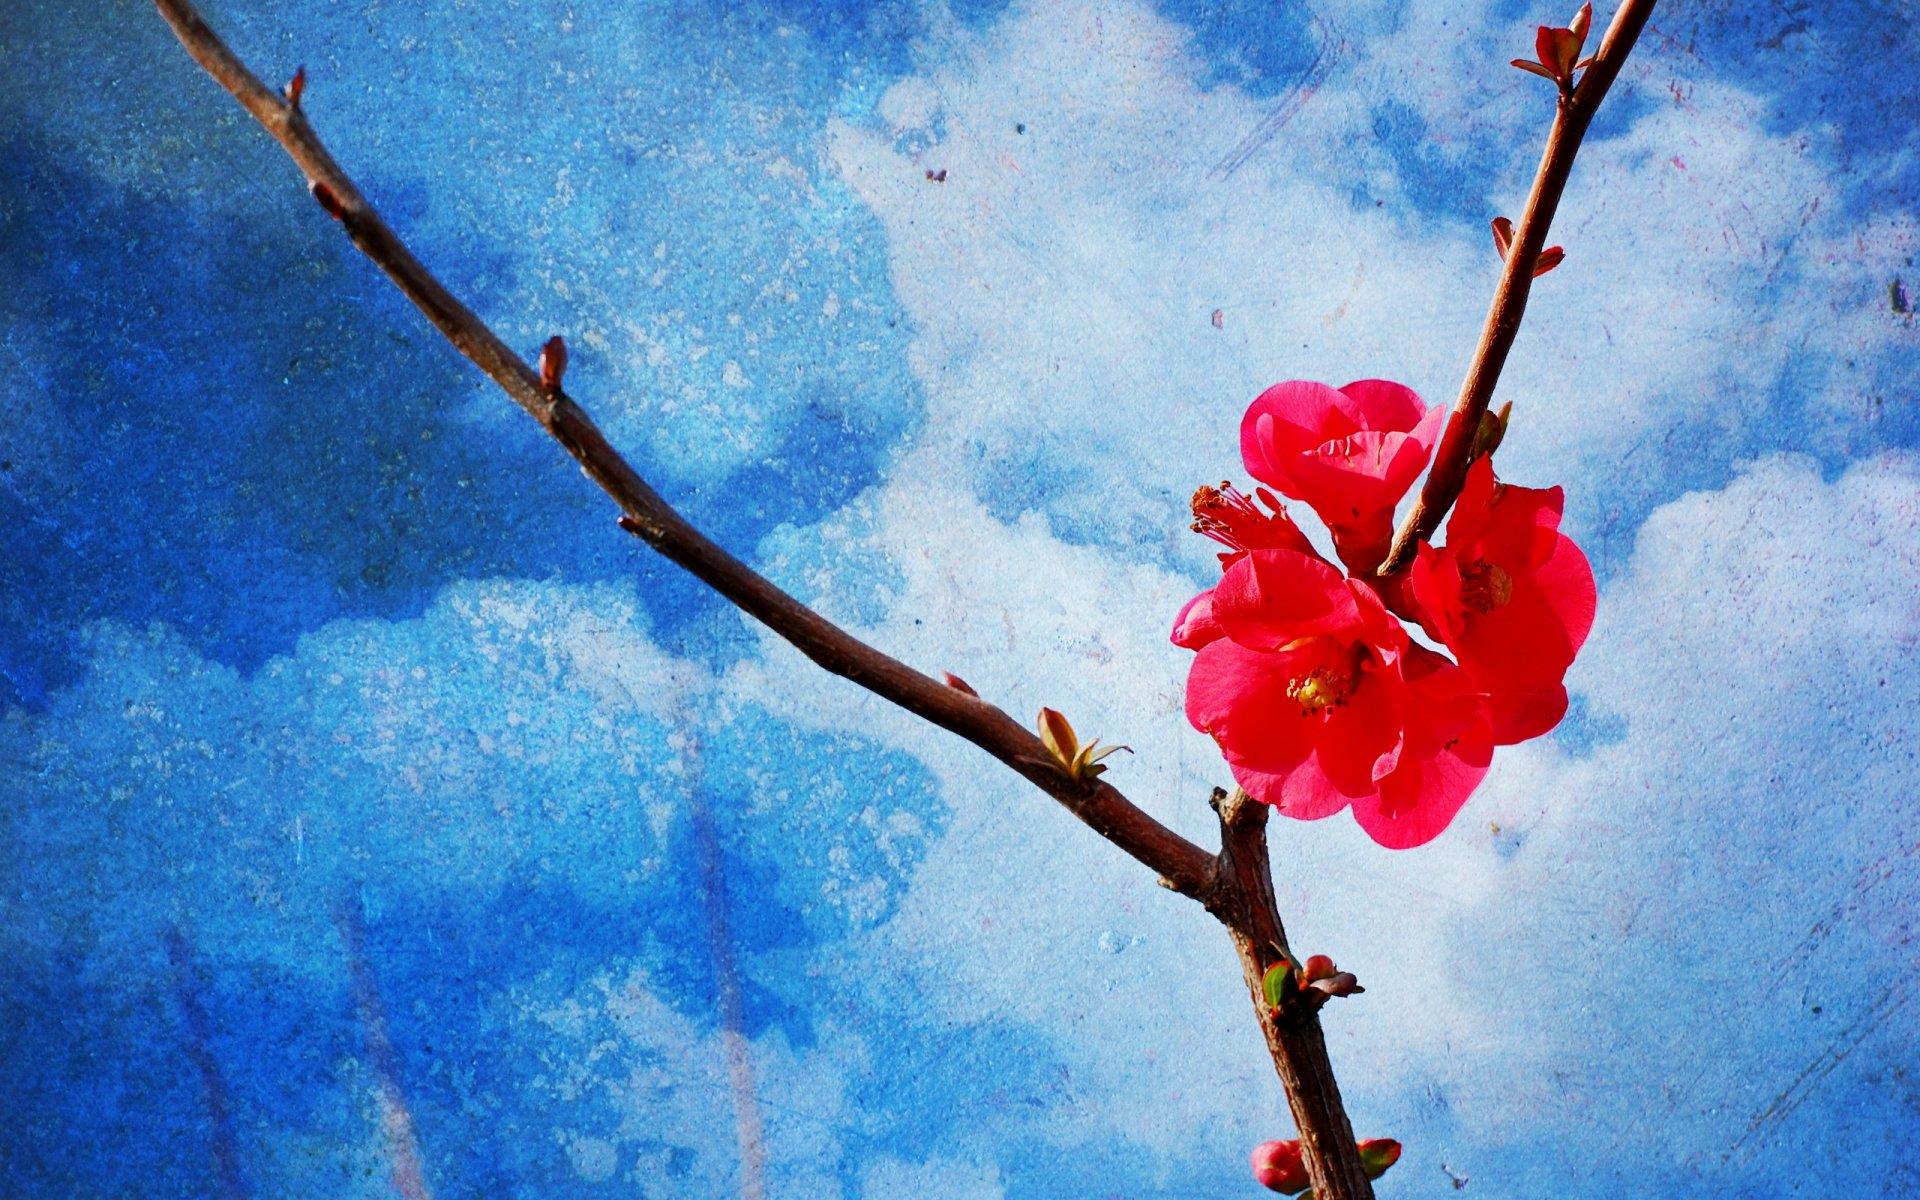 красивые картинки о весне для обоев того